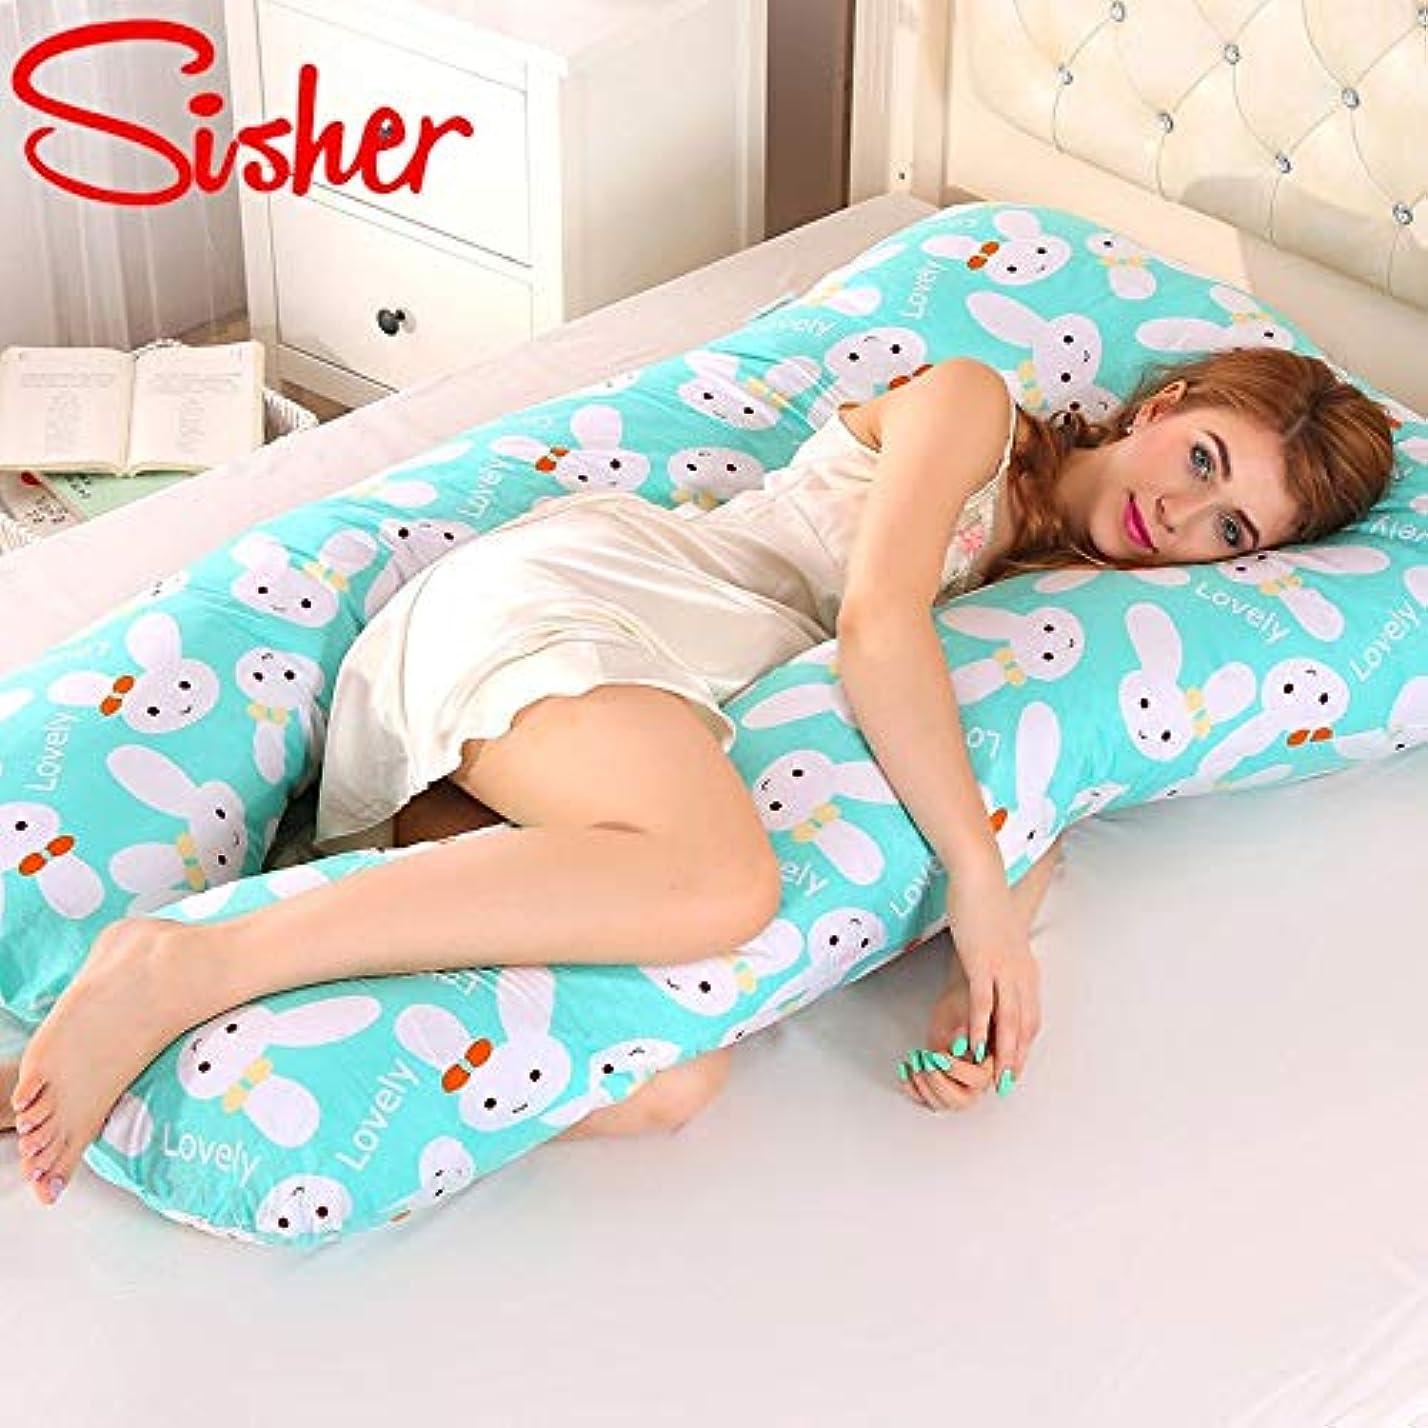 コミットメント複数子供っぽいLIFE妊娠枕 U 形状睡眠サポート妊娠女性のためのフルボディ産科綿枕サイド枕木保護クッションぬいぐるみ